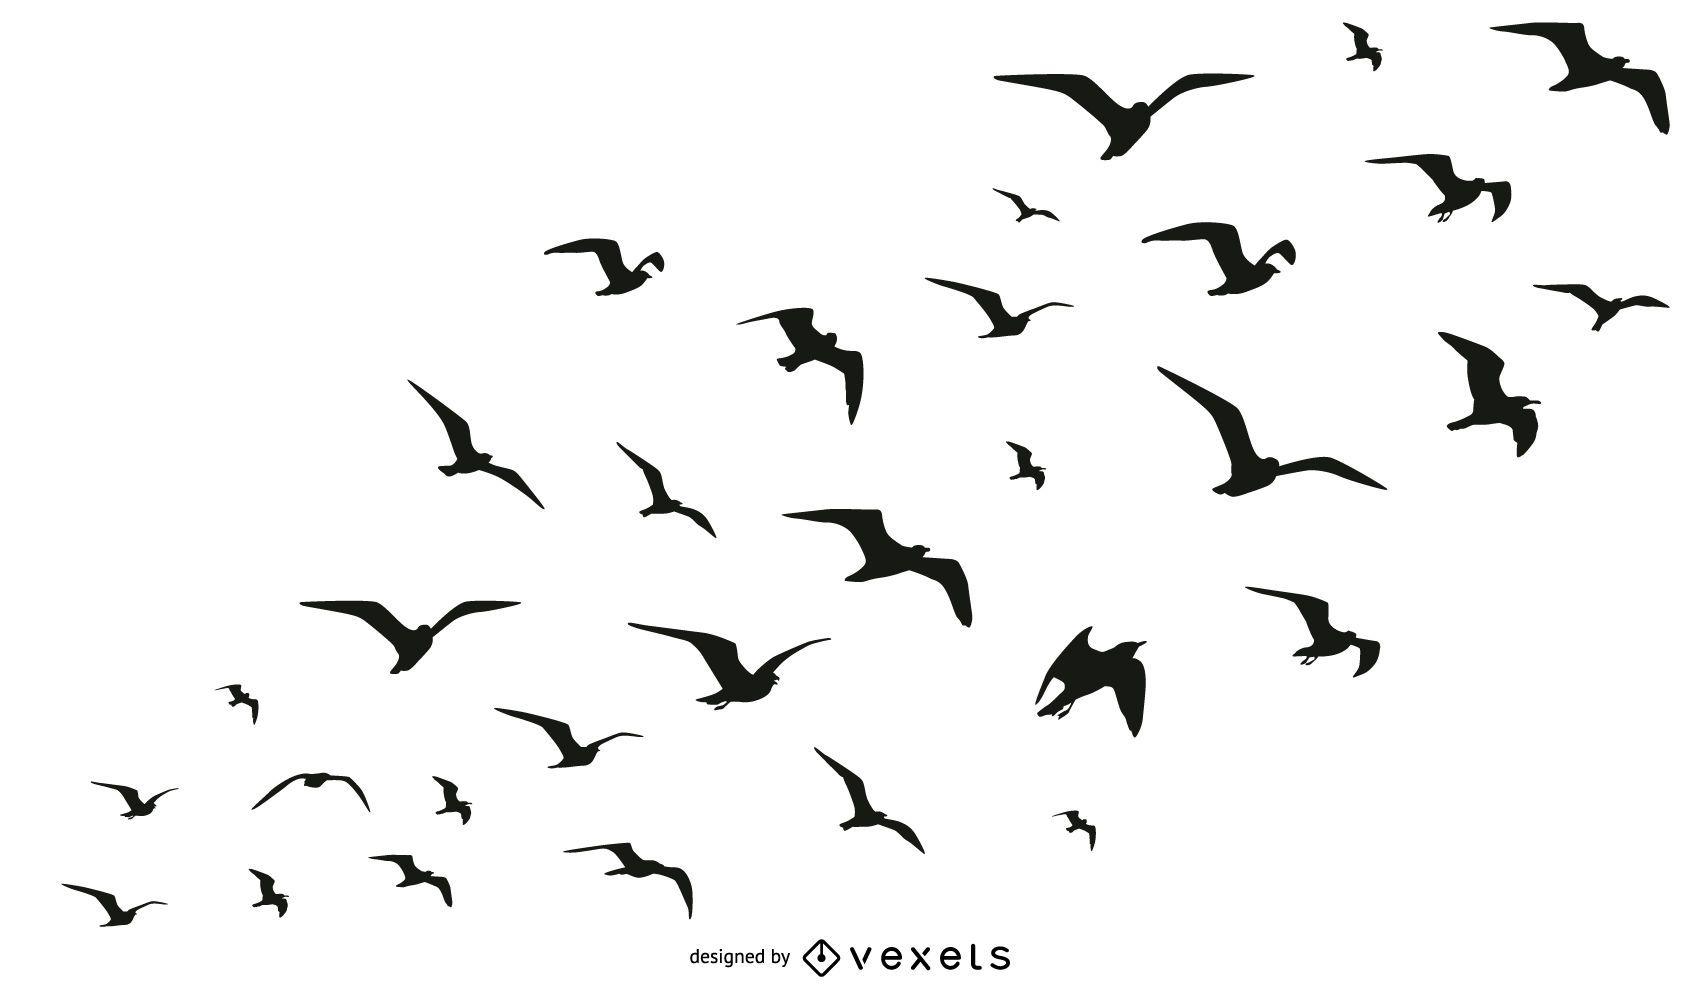 Colección De Silueta De Lobo: Colección De Aves Bandada Silueta